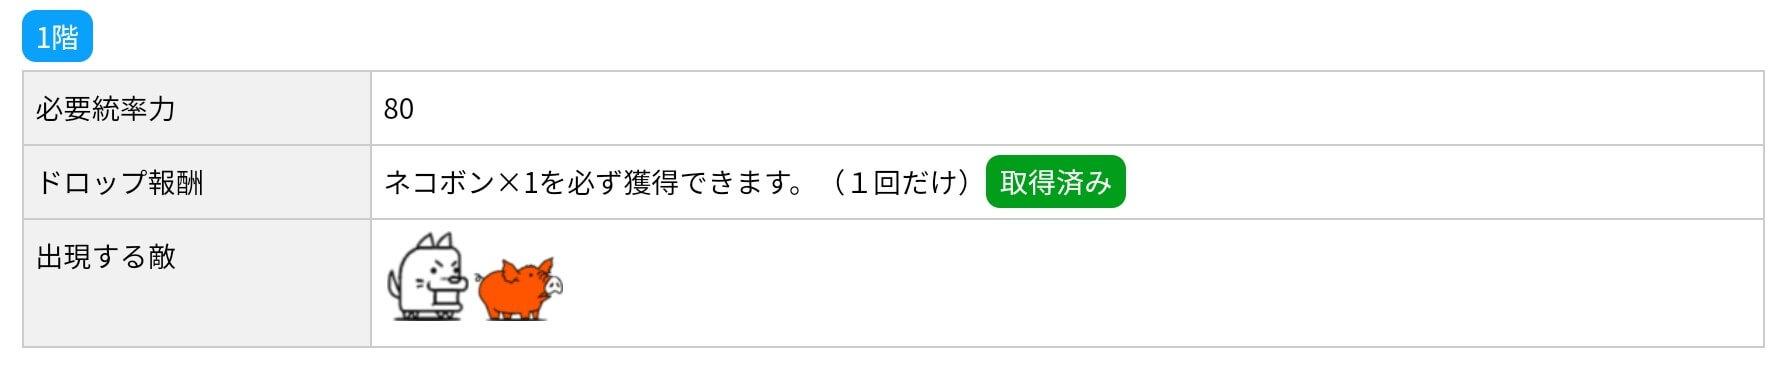 にゃんこ別塔(赤)1階 敵編成